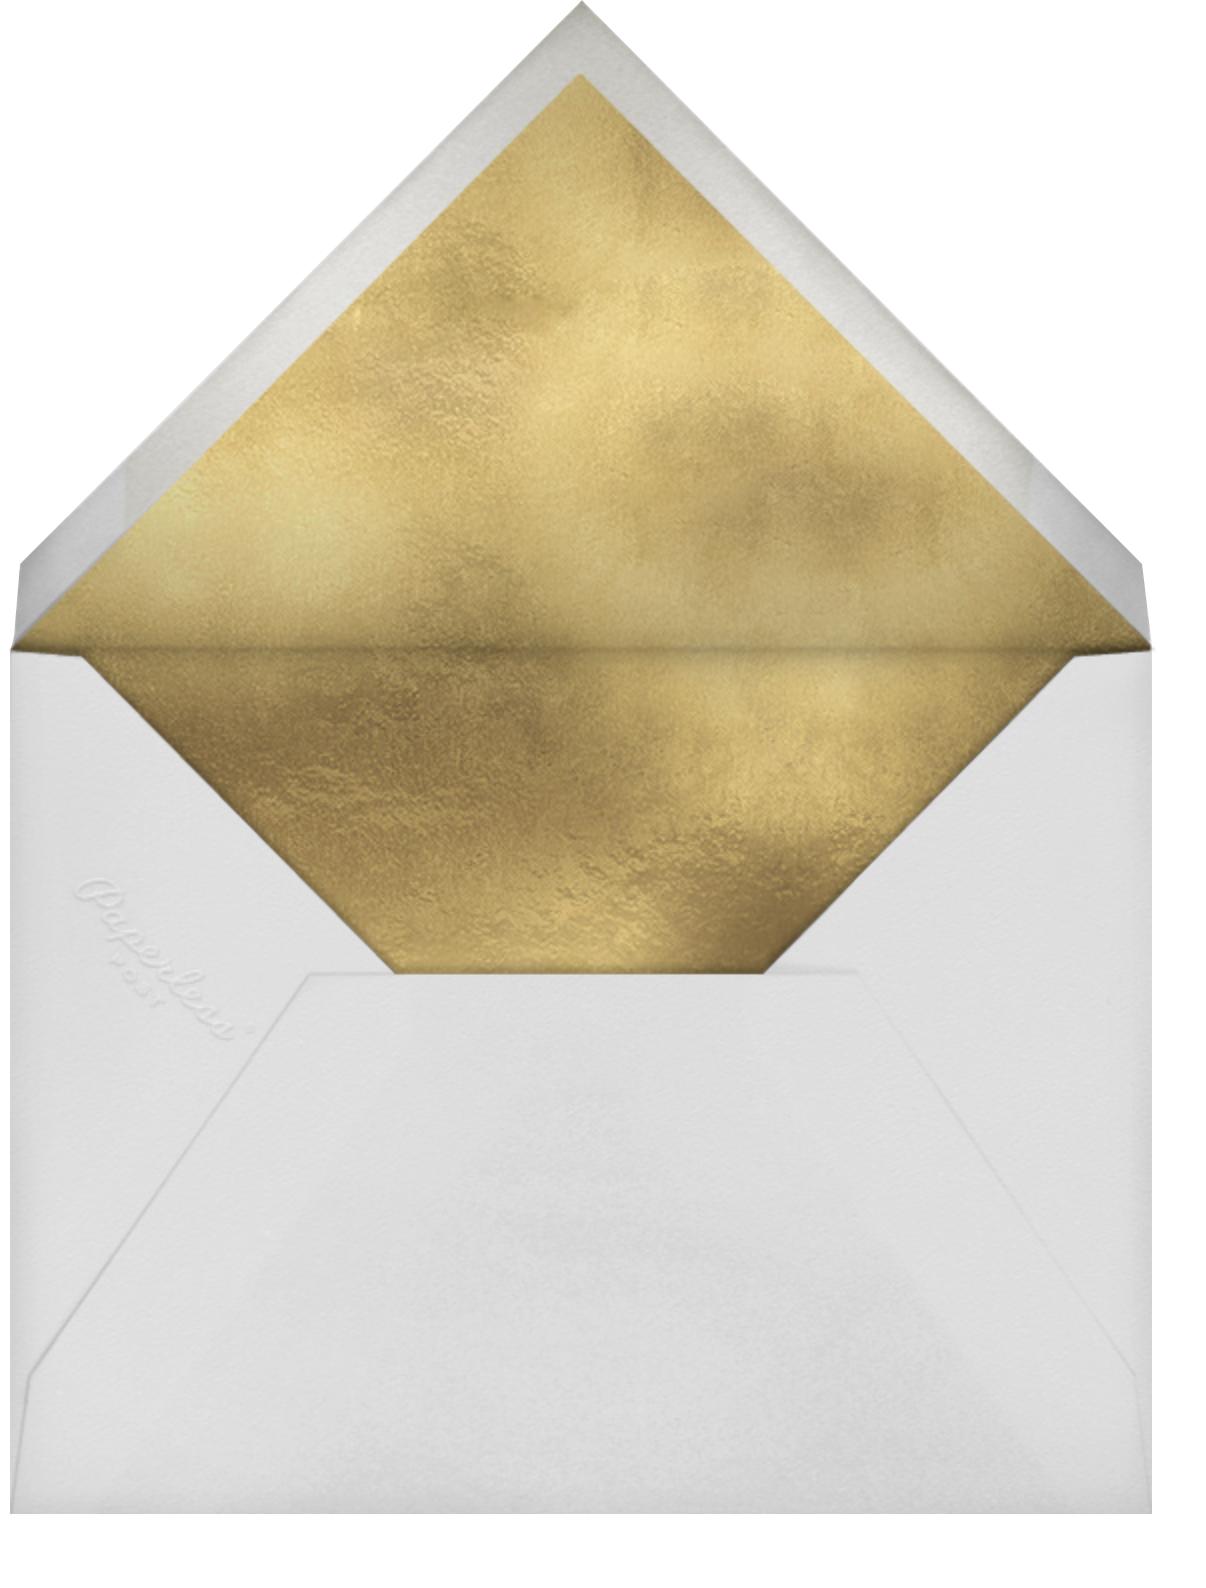 Avalon - Peacock - Kelly Wearstler - Hanukkah - envelope back